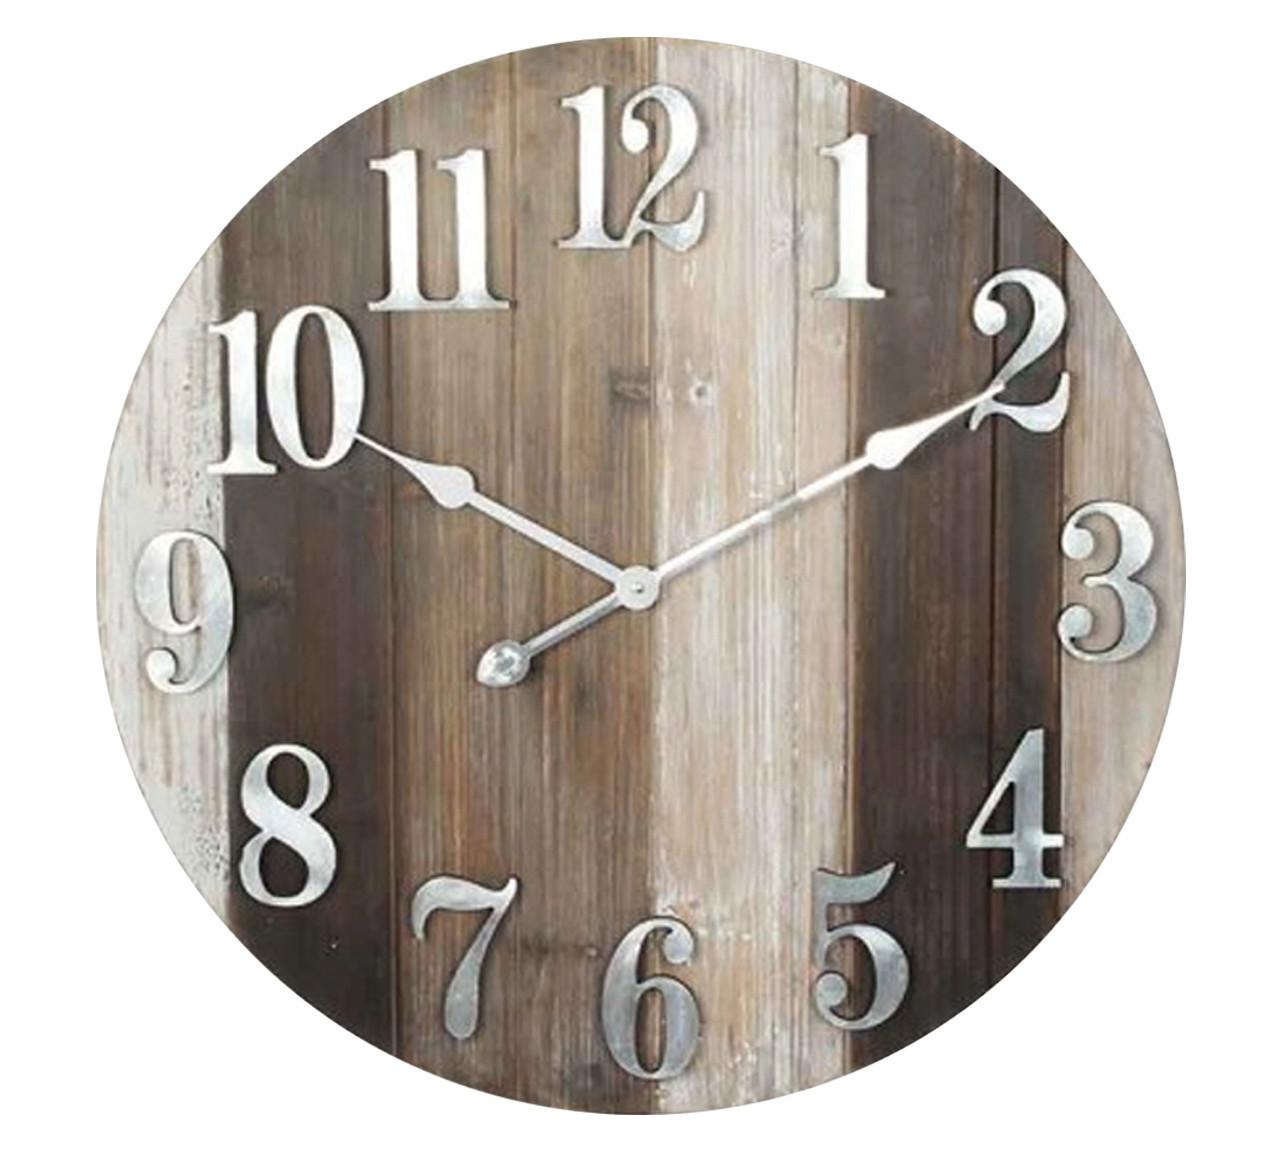 4c449a834455d Horloge murale en bois gros chiffres Ø 60 cm